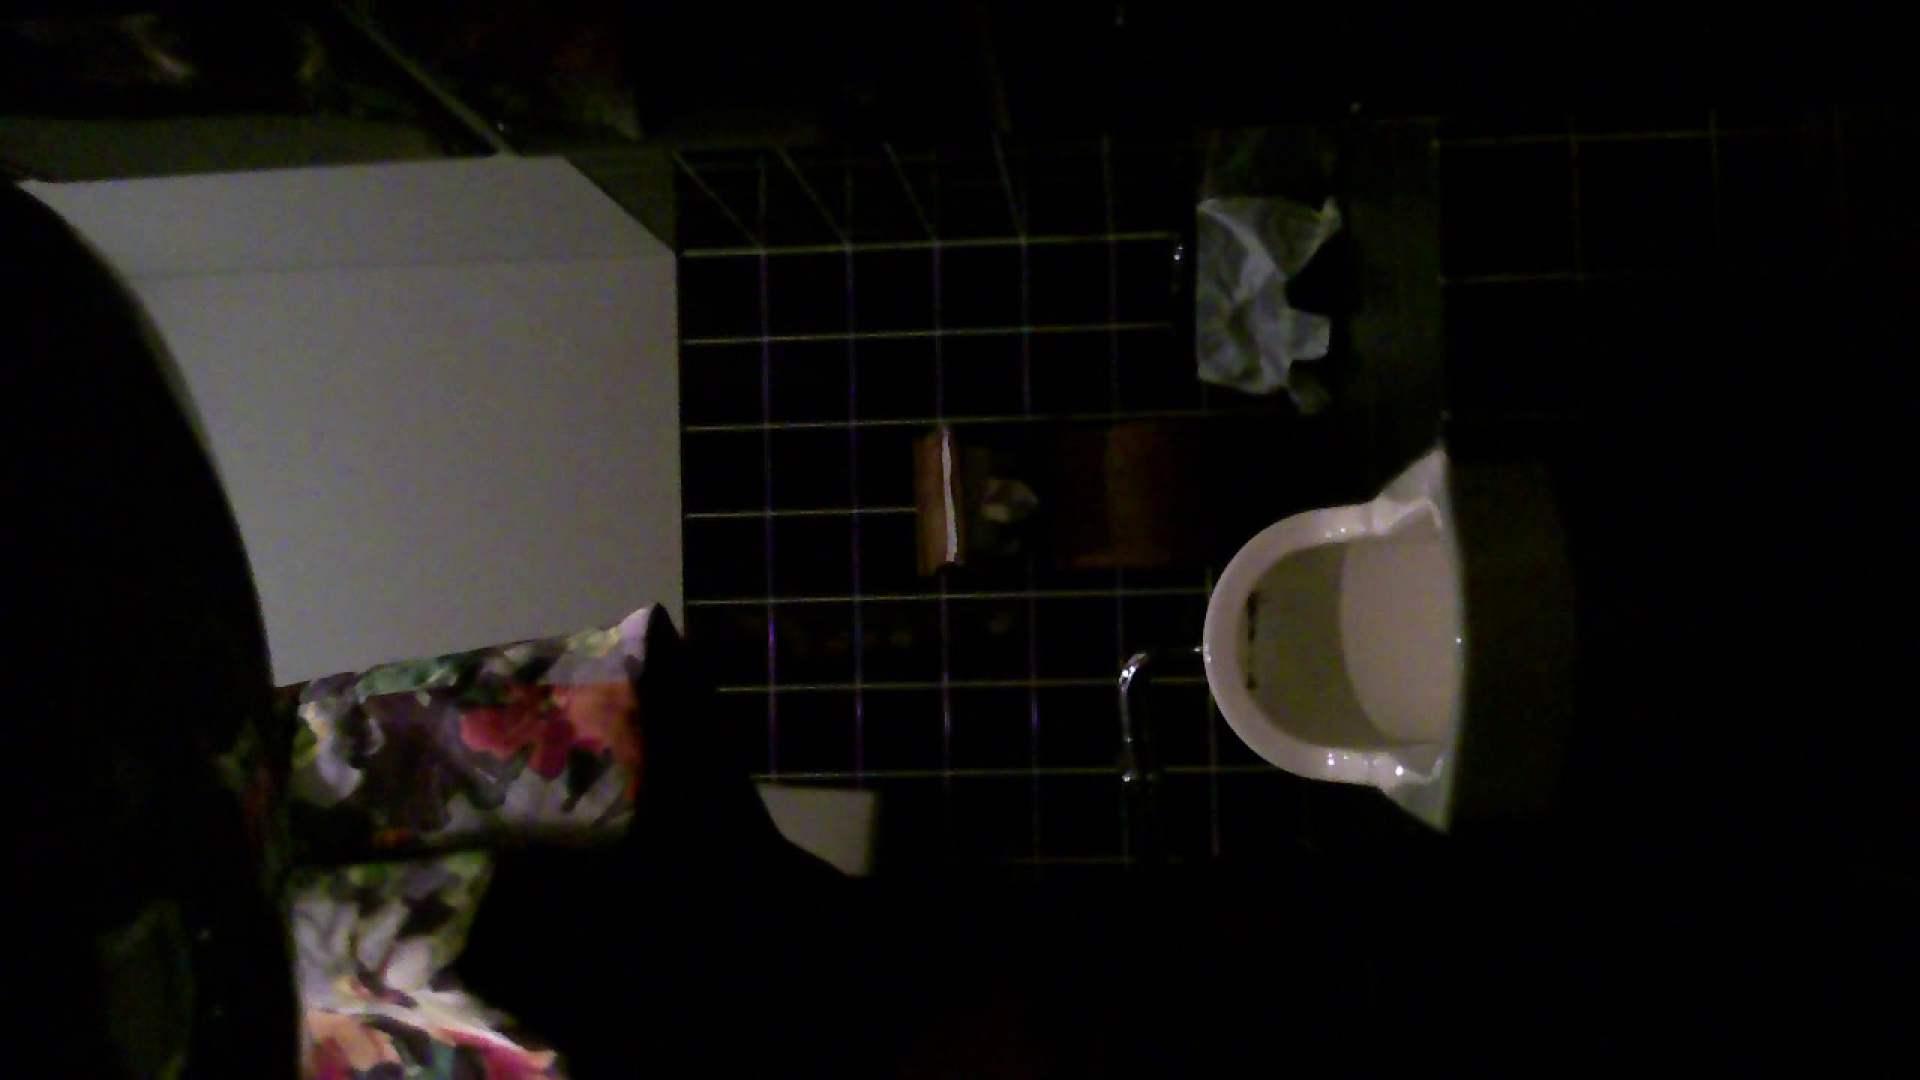 美女の集まる飲み屋洗面所 vol.04 美女エロ画像   OLエロ画像  52PICs 9